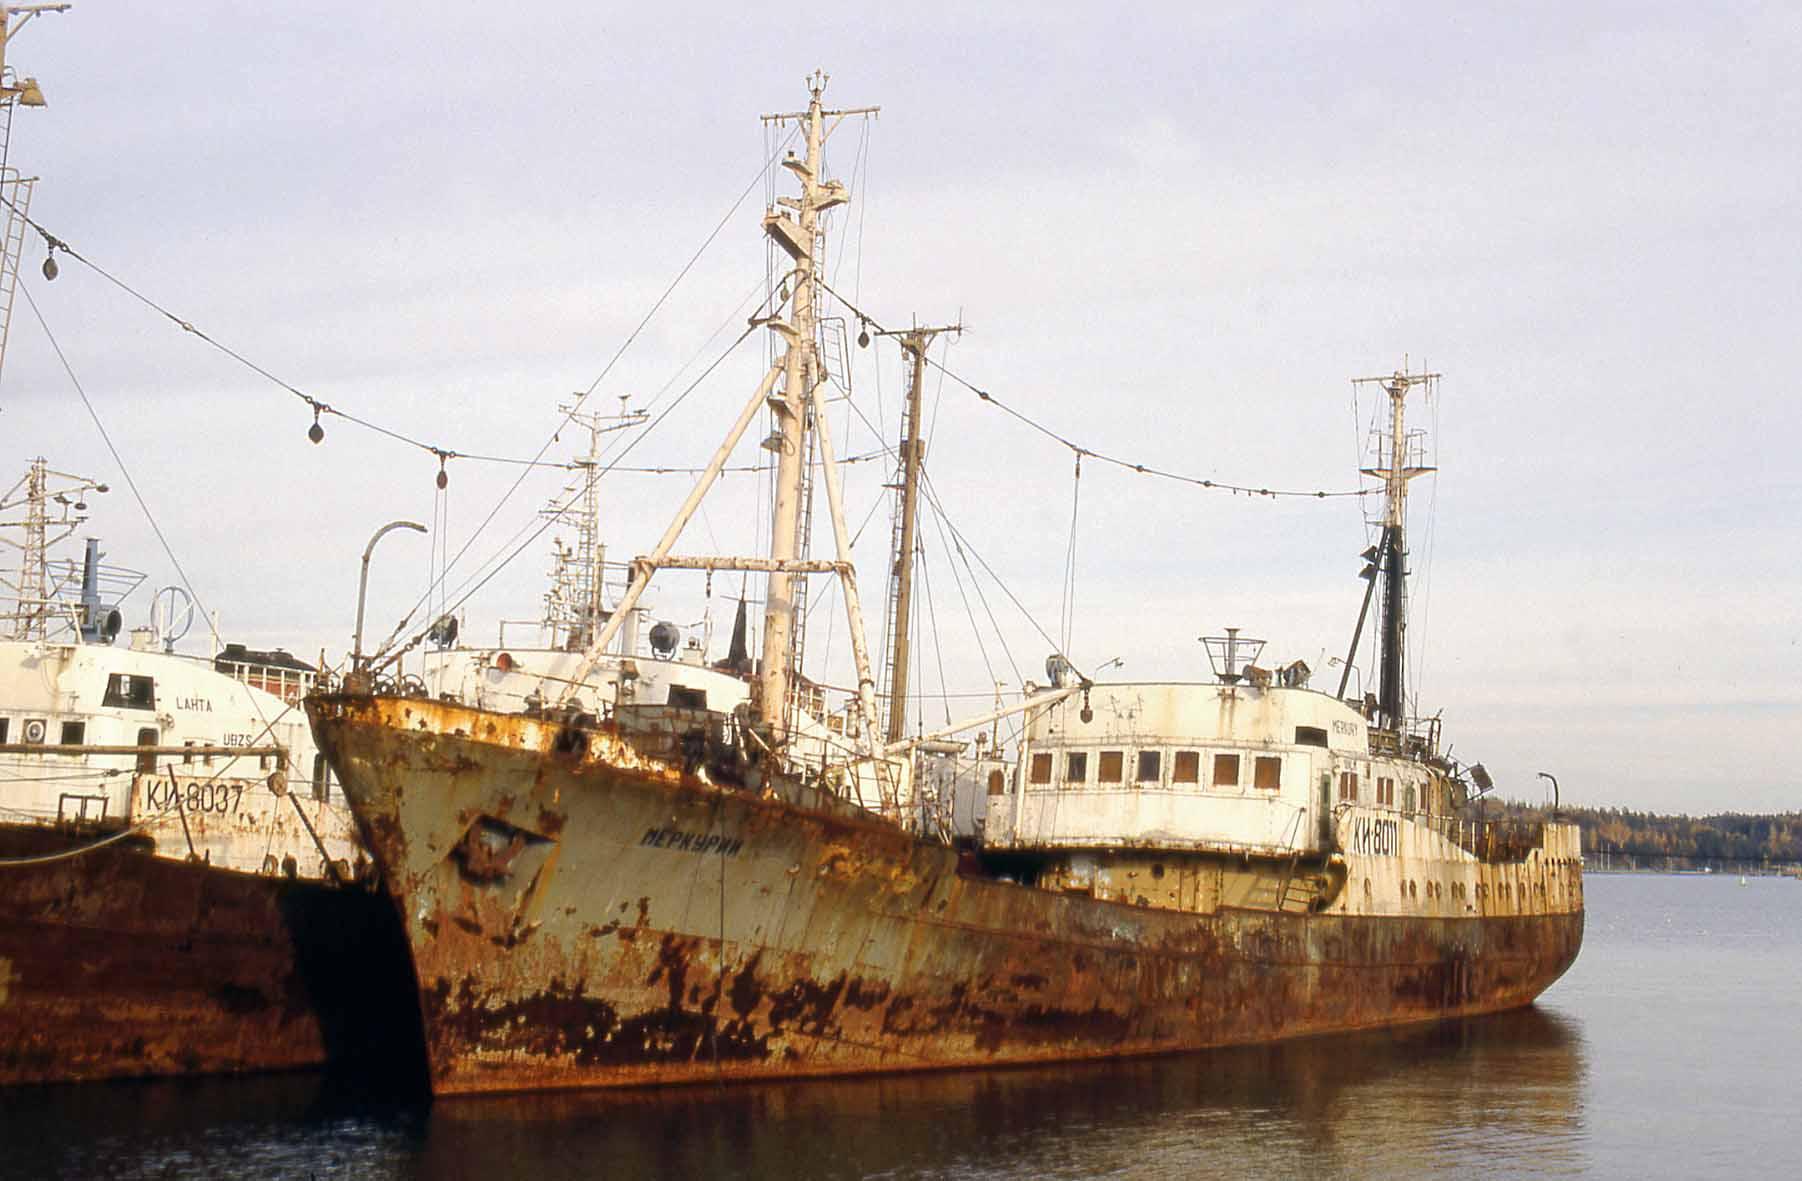 продажа рыболовного судна проекта 05025